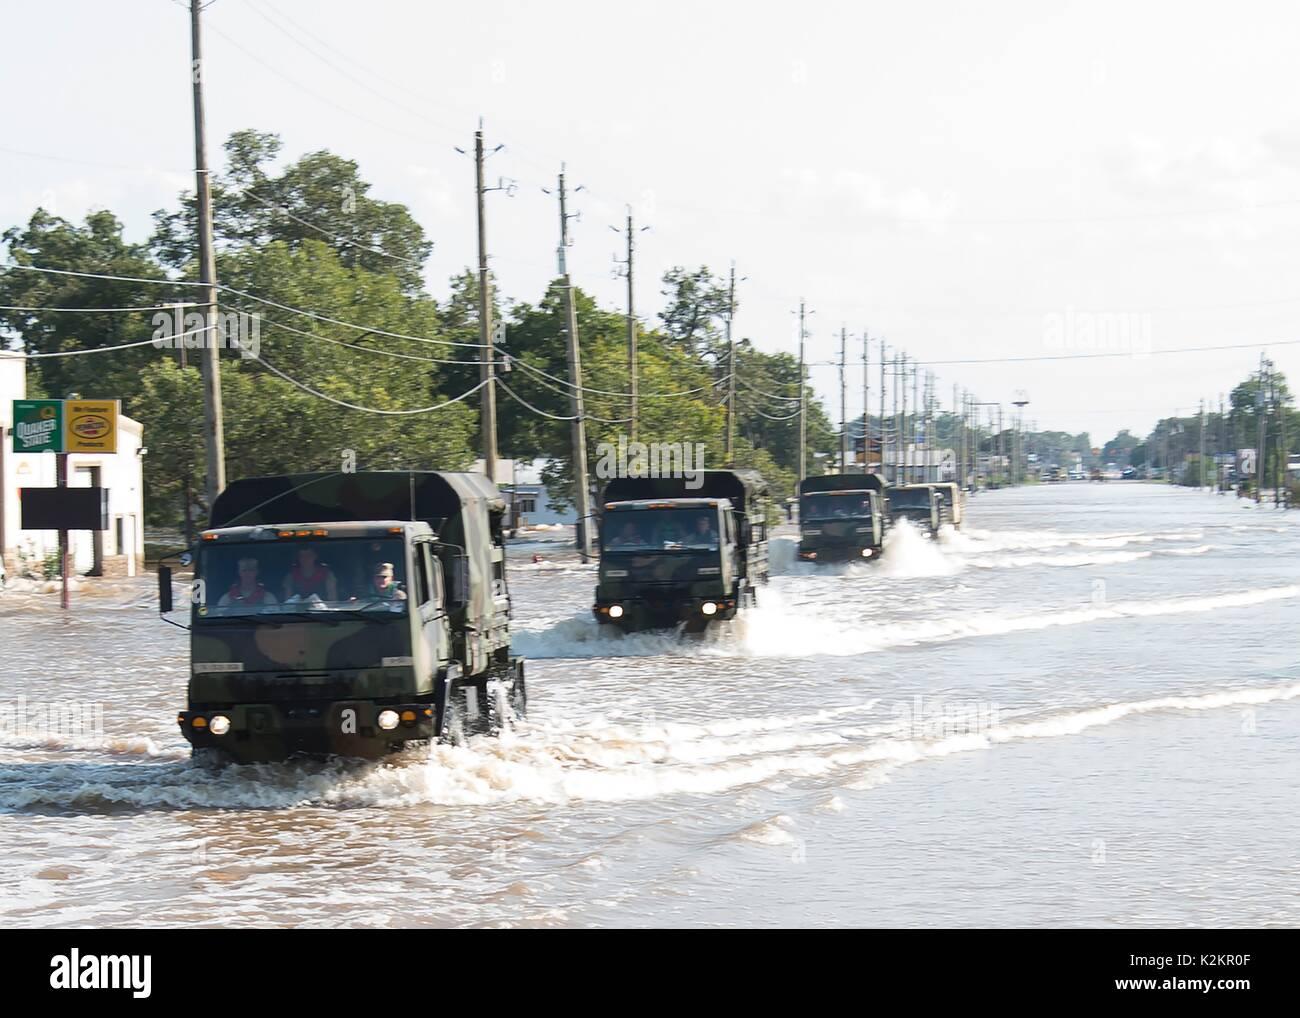 Wharton, United States. Août 31, 2017. Le voyant de l'unité de la Garde nationale les véhicules tactiques moyenne dans les eaux d'inondation comme ils évacuer les résidents bloqués suite à l'ouragan Harvey le 31 août 2017 à Wharton, Texas. Credit: Planetpix/Alamy Live News Photo Stock